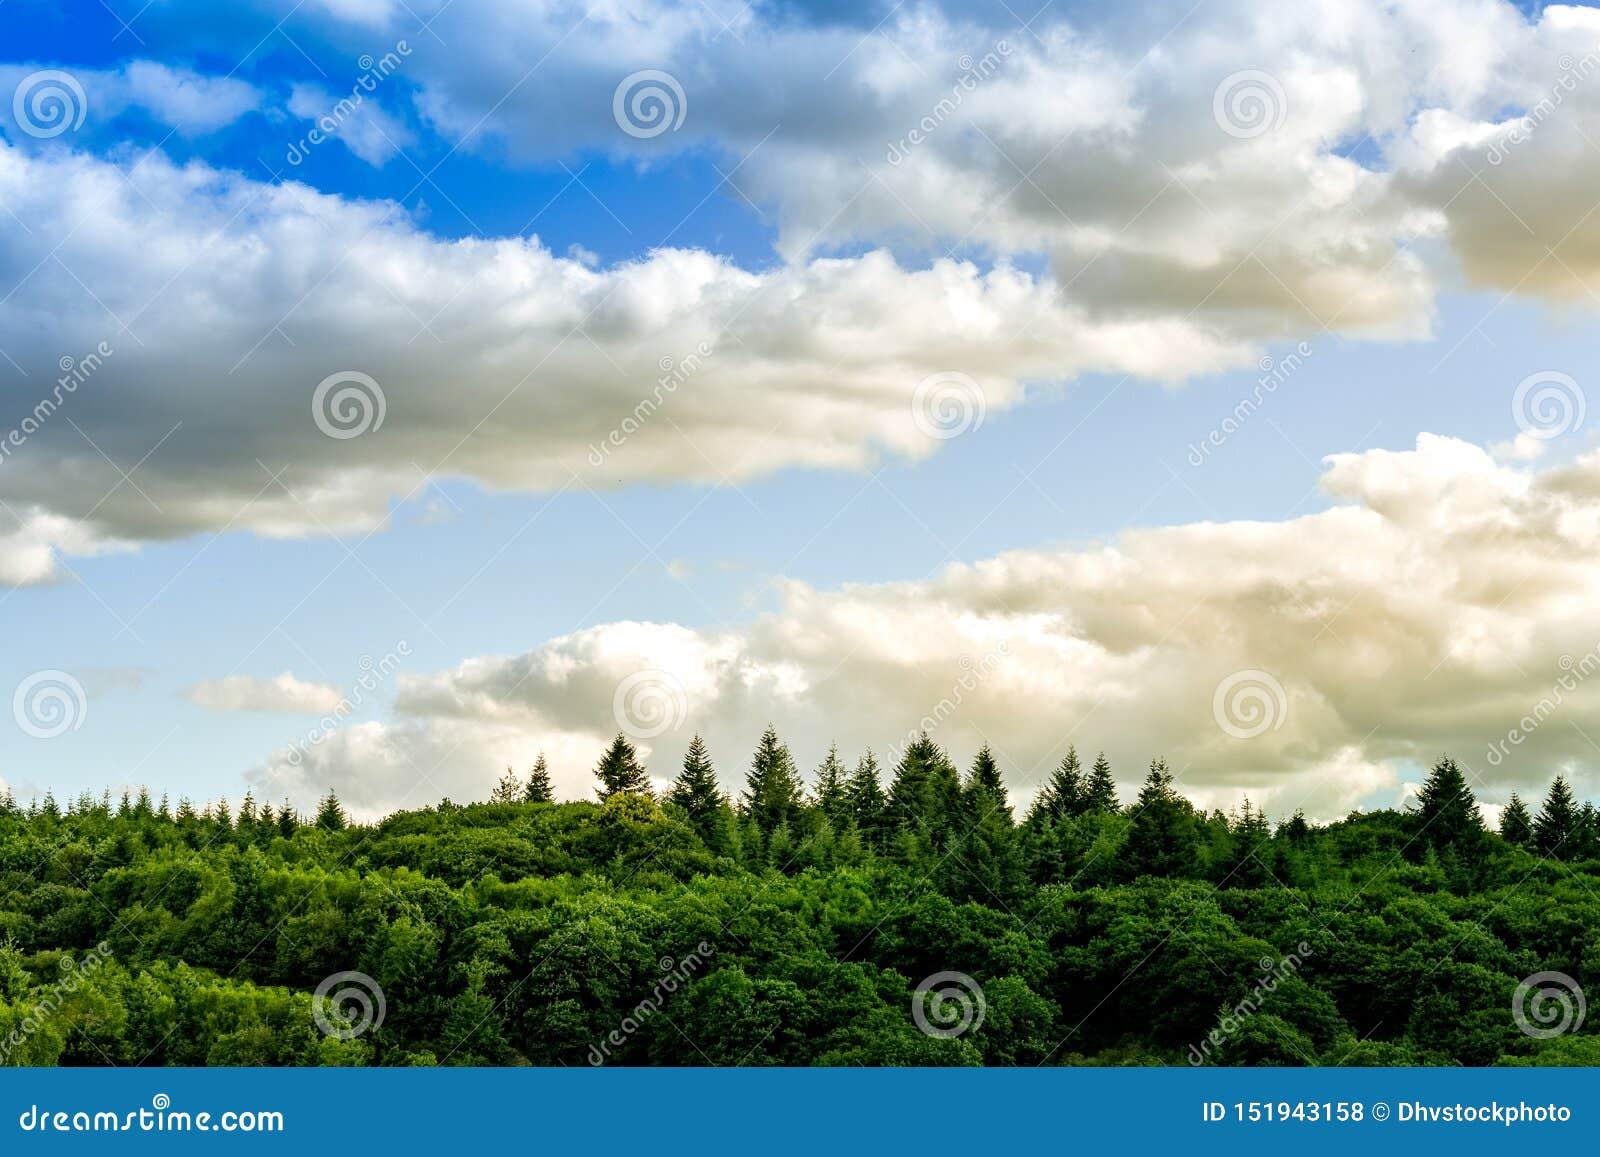 Färgglad och minsta landskapbarckground Sunsuet fördunklar och sörjer